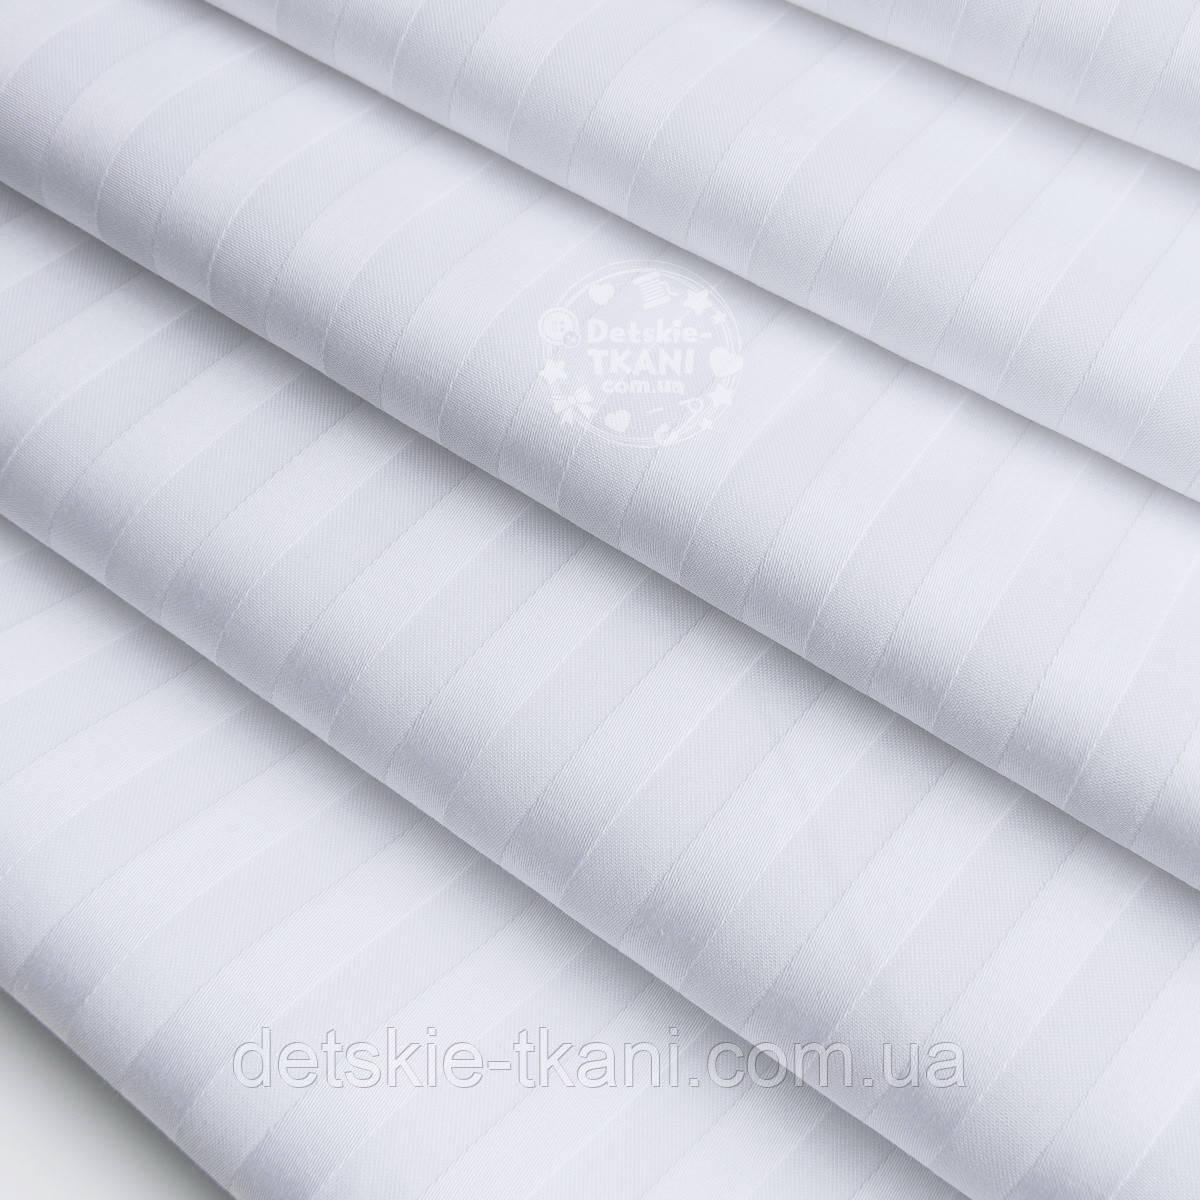 Лоскут сатина страйп премиум белого цвета с полосками 1 см (№1292), размер  29*150 см